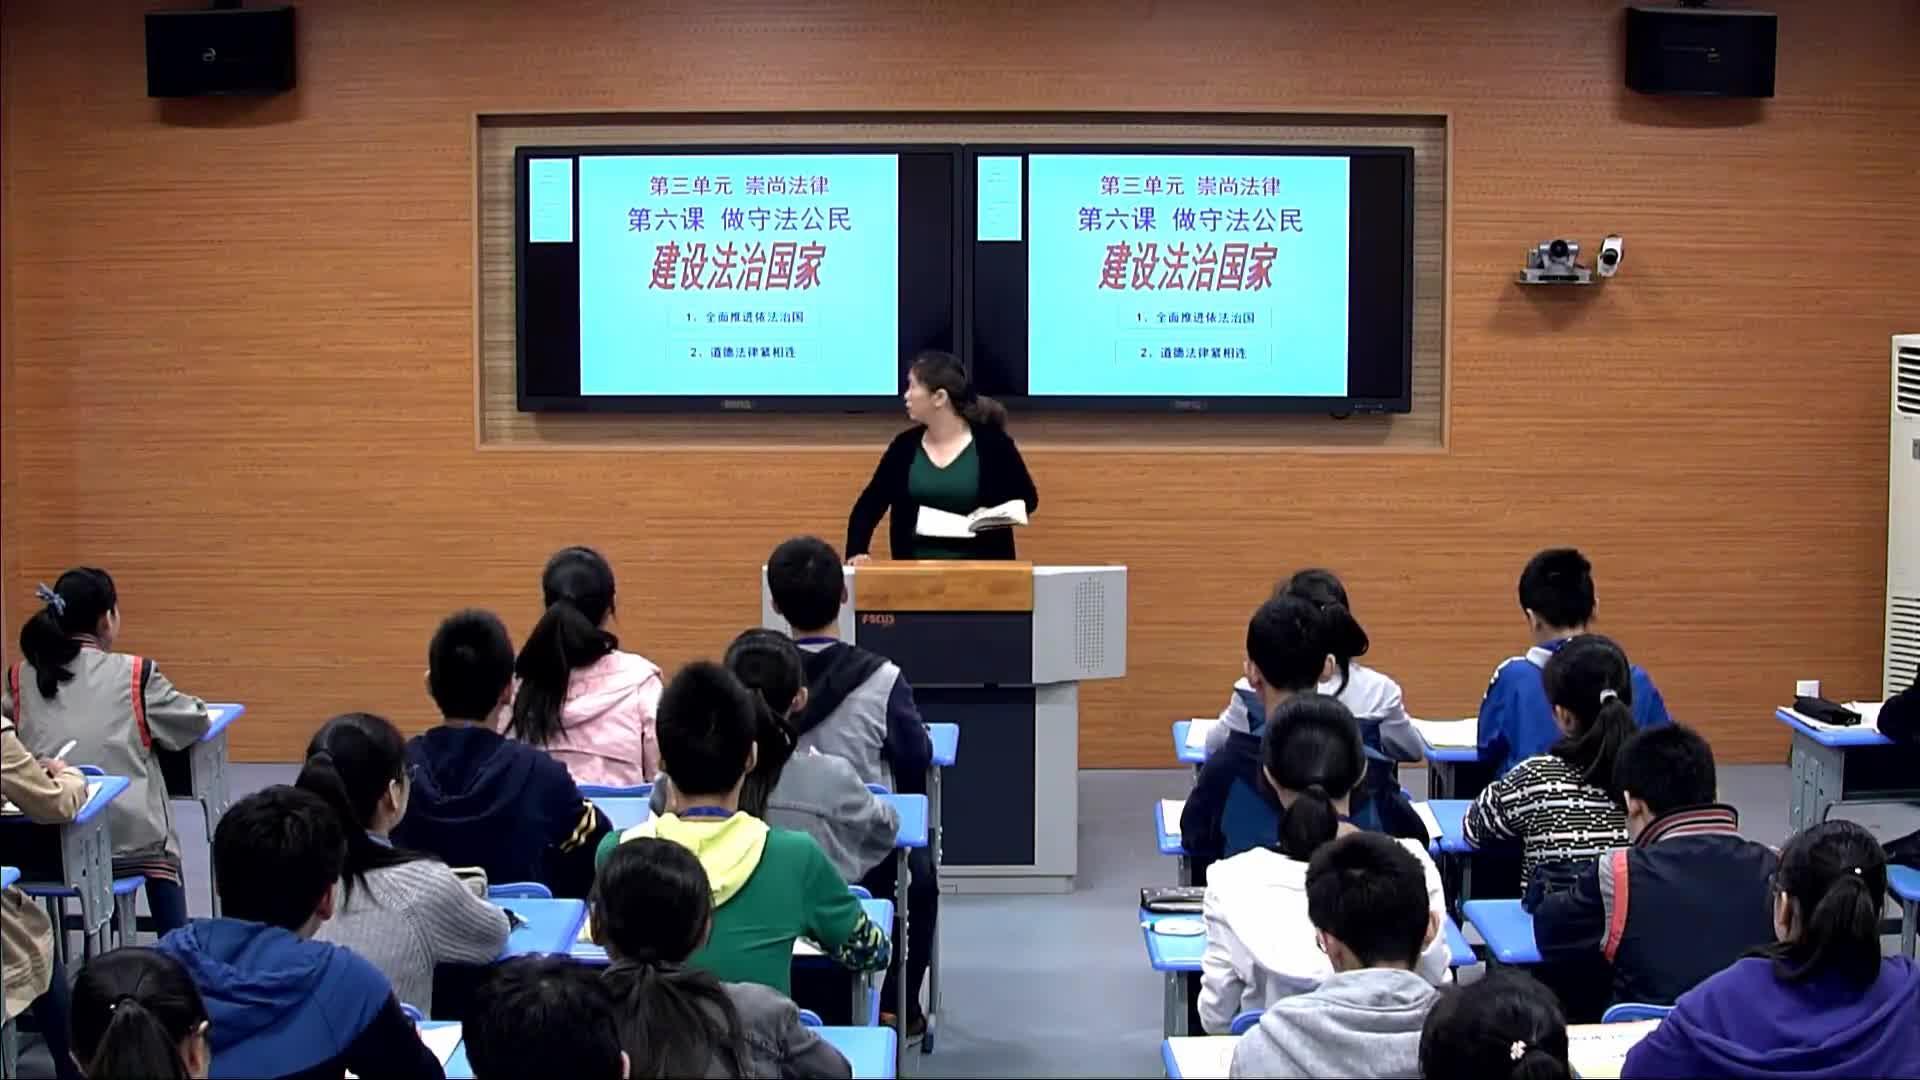 蘇人版 九年級政治 第三單元 6.1 建設法治國家-課堂實錄